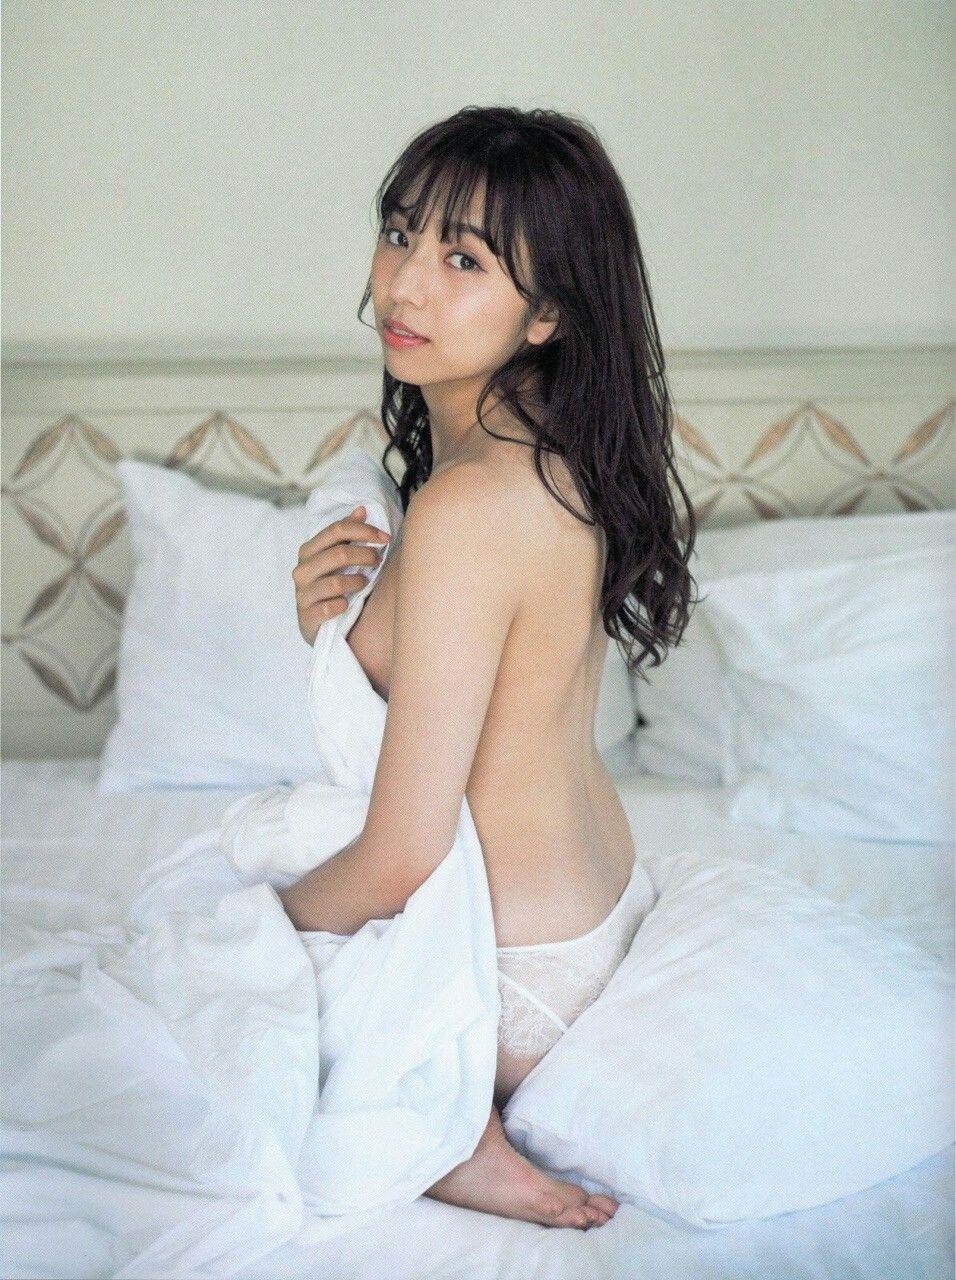 「新内眞衣 尻」の画像検索結果